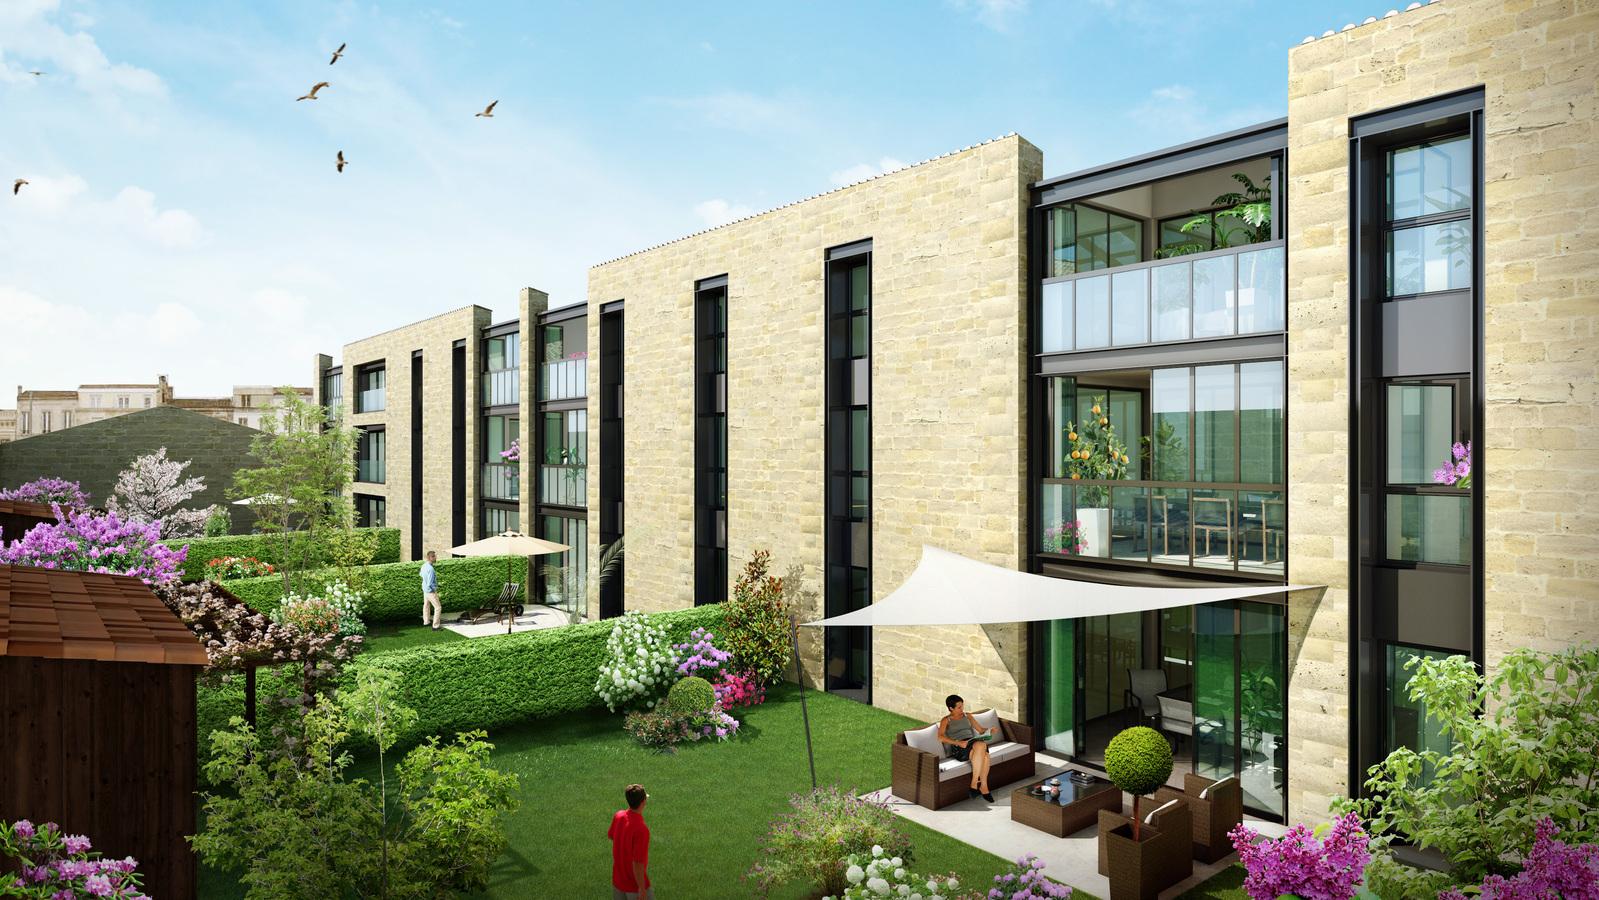 L 39 orangerie 19 appartements neufs bordeaux for Appartement neuf bordeaux centre ville